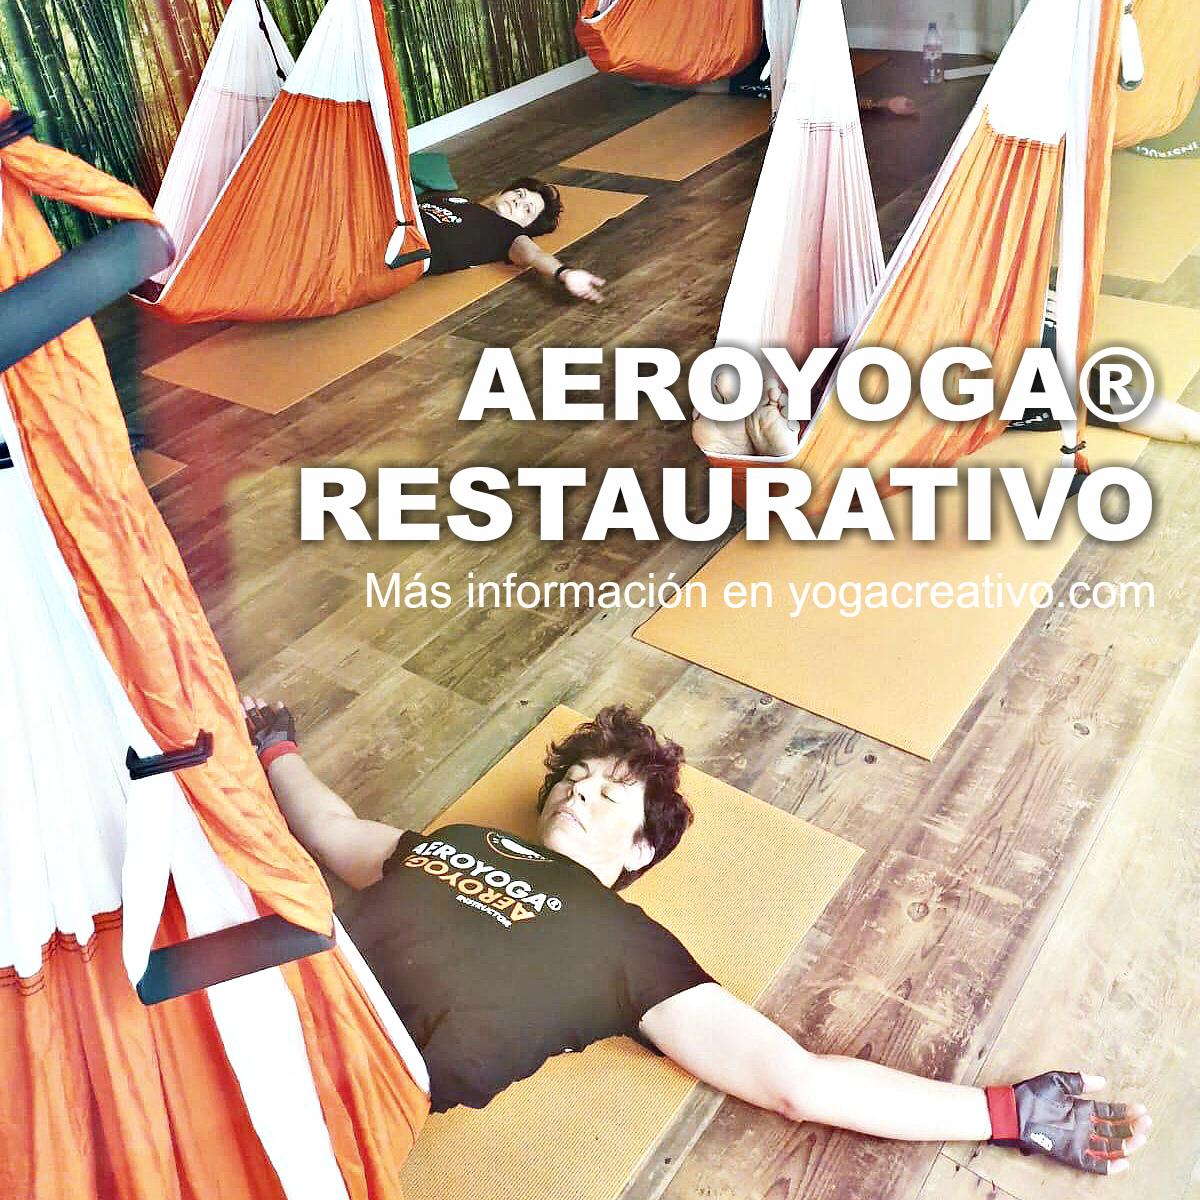 Certificación Yoga Aéreo, Descubre los Beneficios Salud, Cuerpo y Mente del Método AeroYoga ® Restaurativo, AirYoga, Fly!